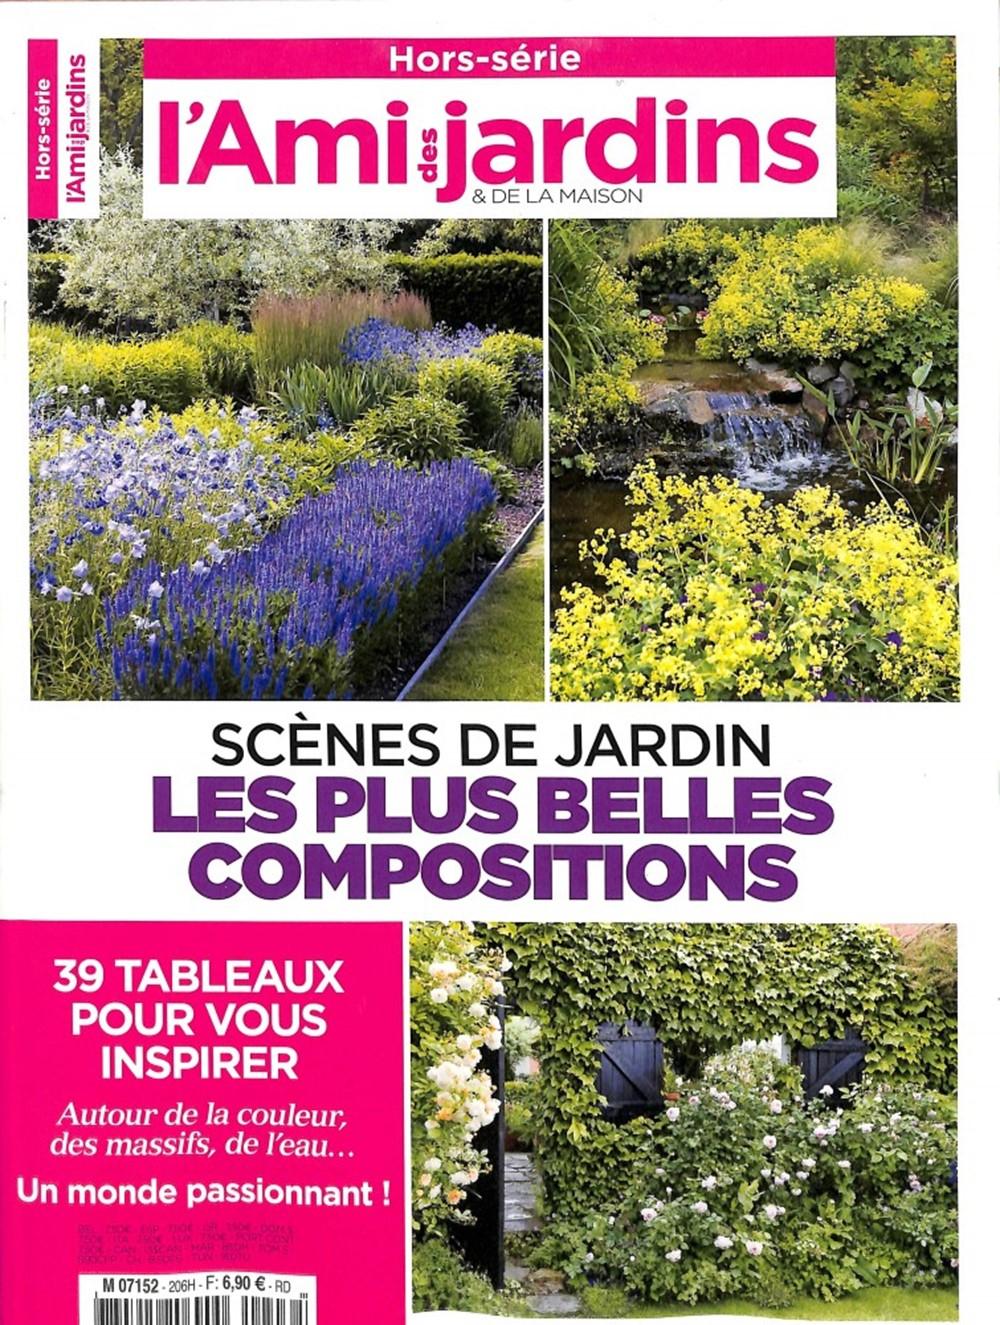 L'ami Des Jardins & De La Maison Hors-Série encequiconcerne L Ami Des Jardins Hors Série